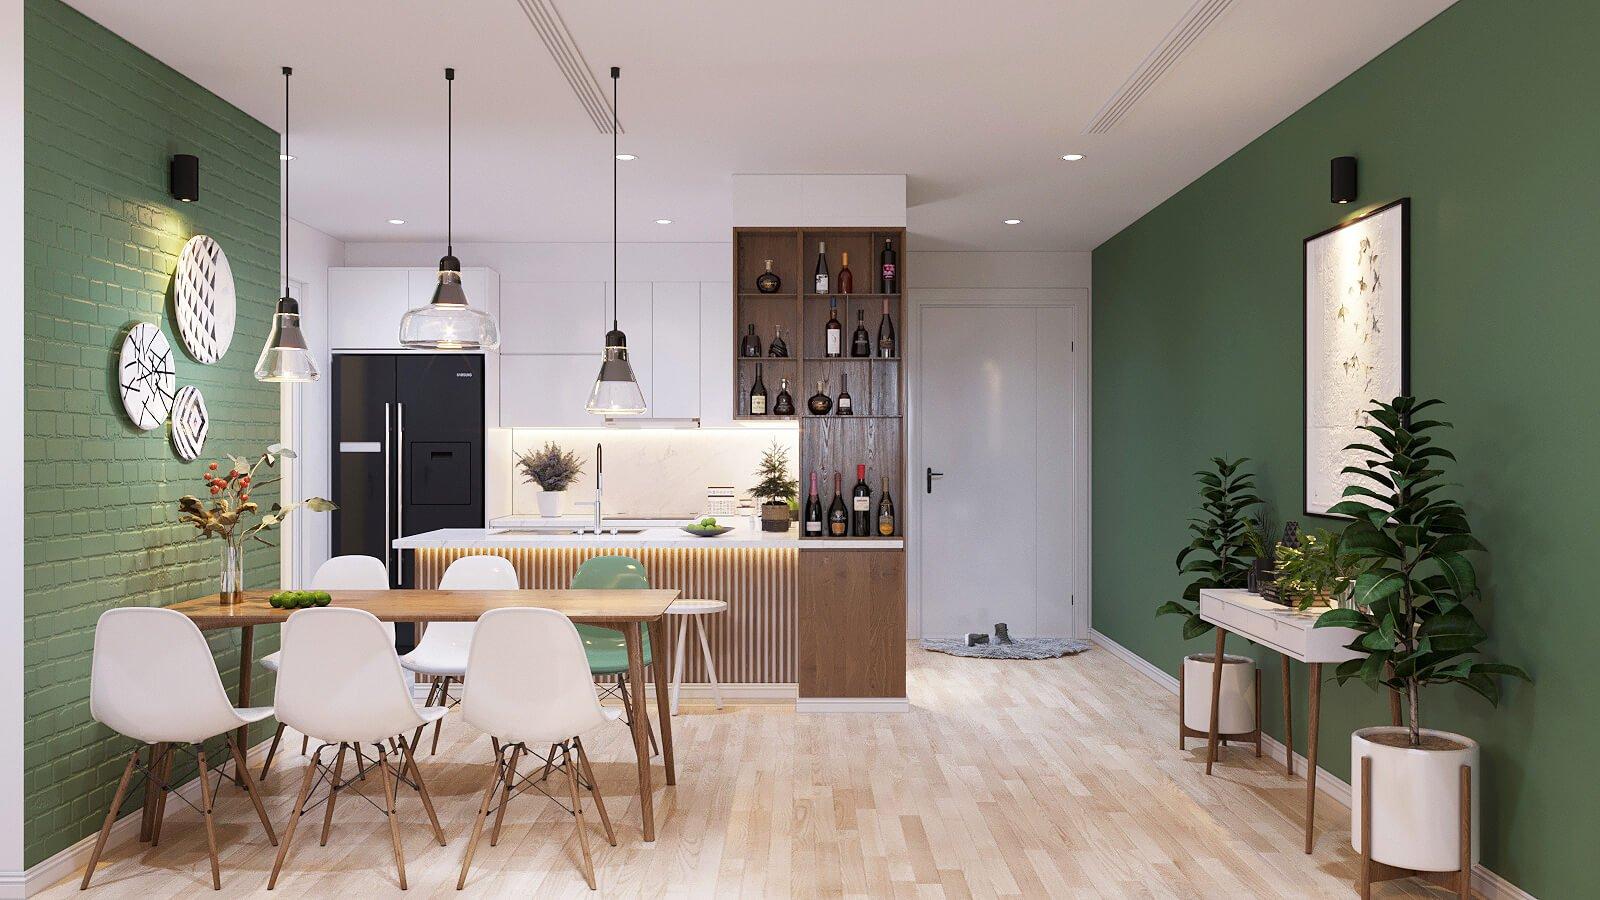 thiết kế nội thất căn hộ chung cư 70m2 5